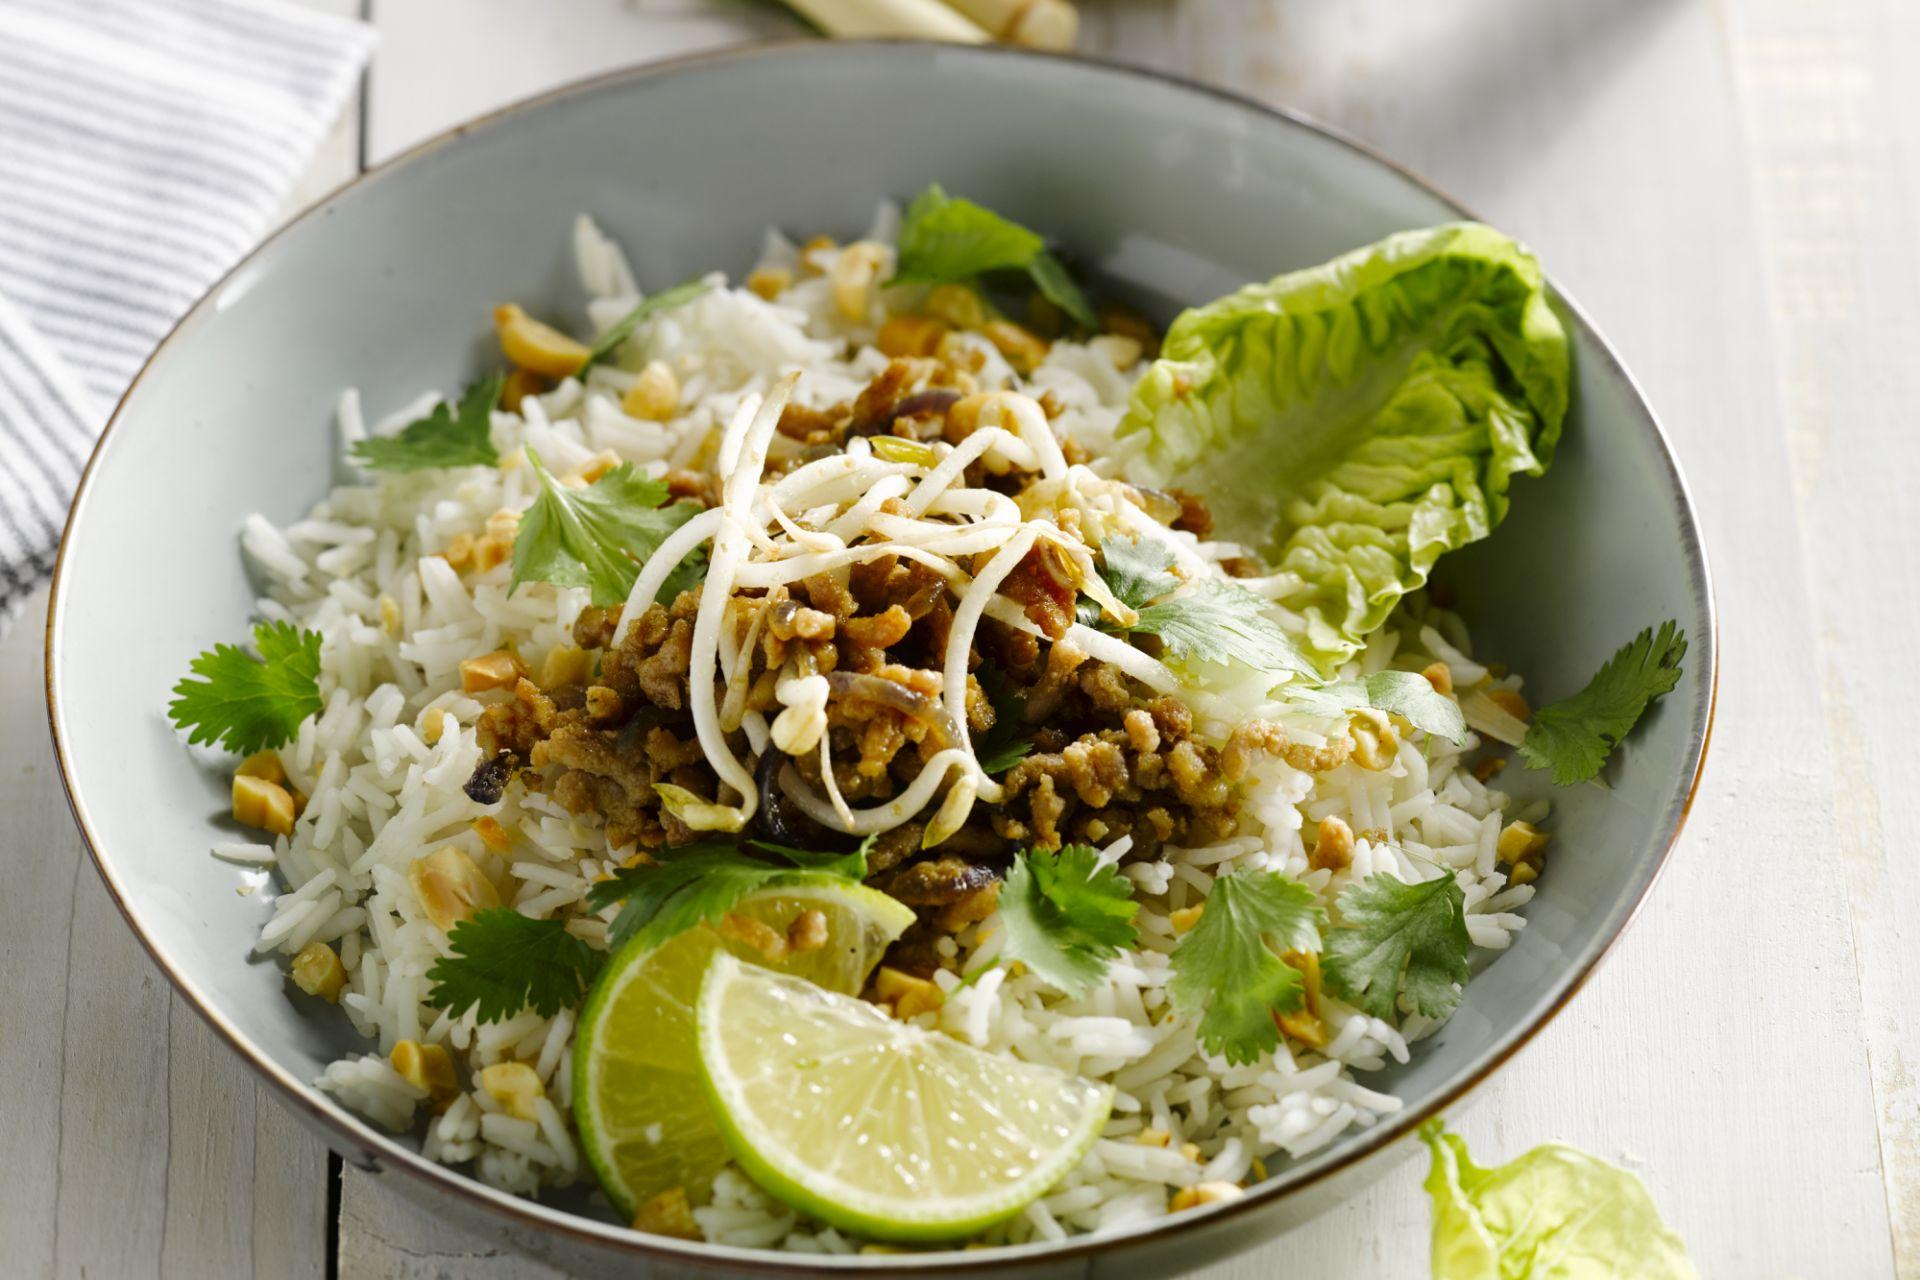 Thaise salade met varkensvlees en citroengras